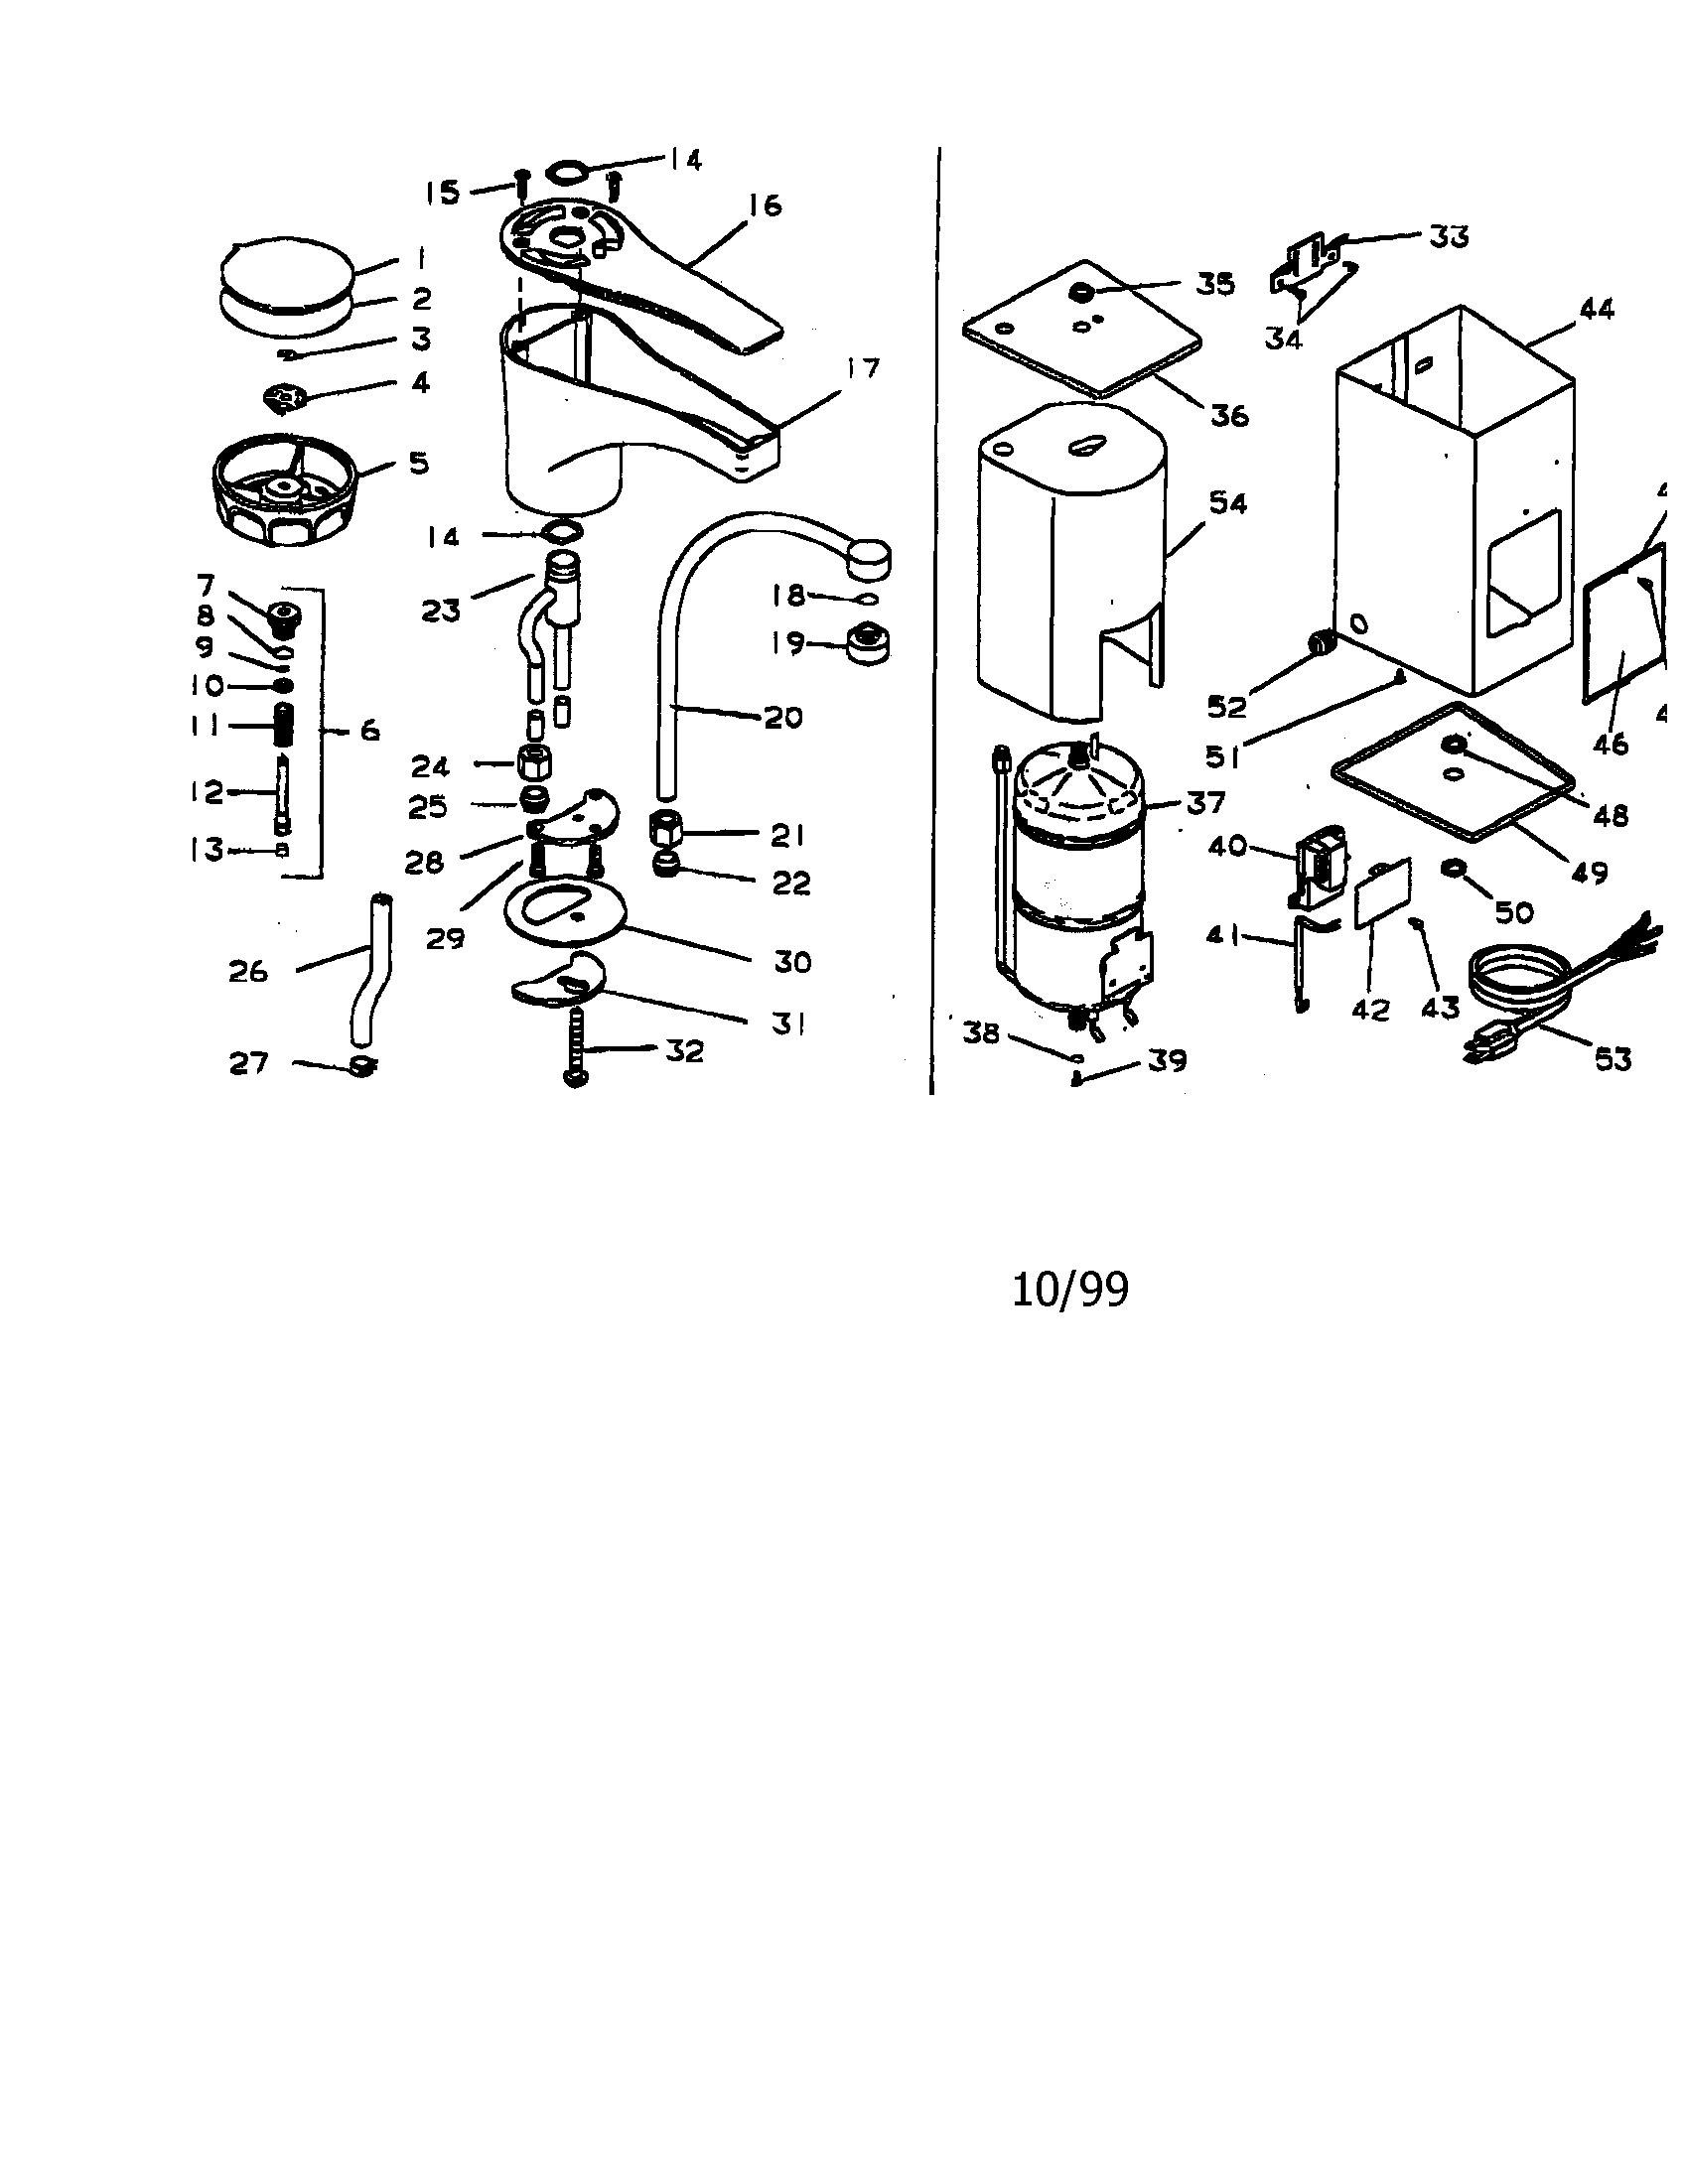 hight resolution of badger garbage disposal wiring diagram valid insinkerator garbage